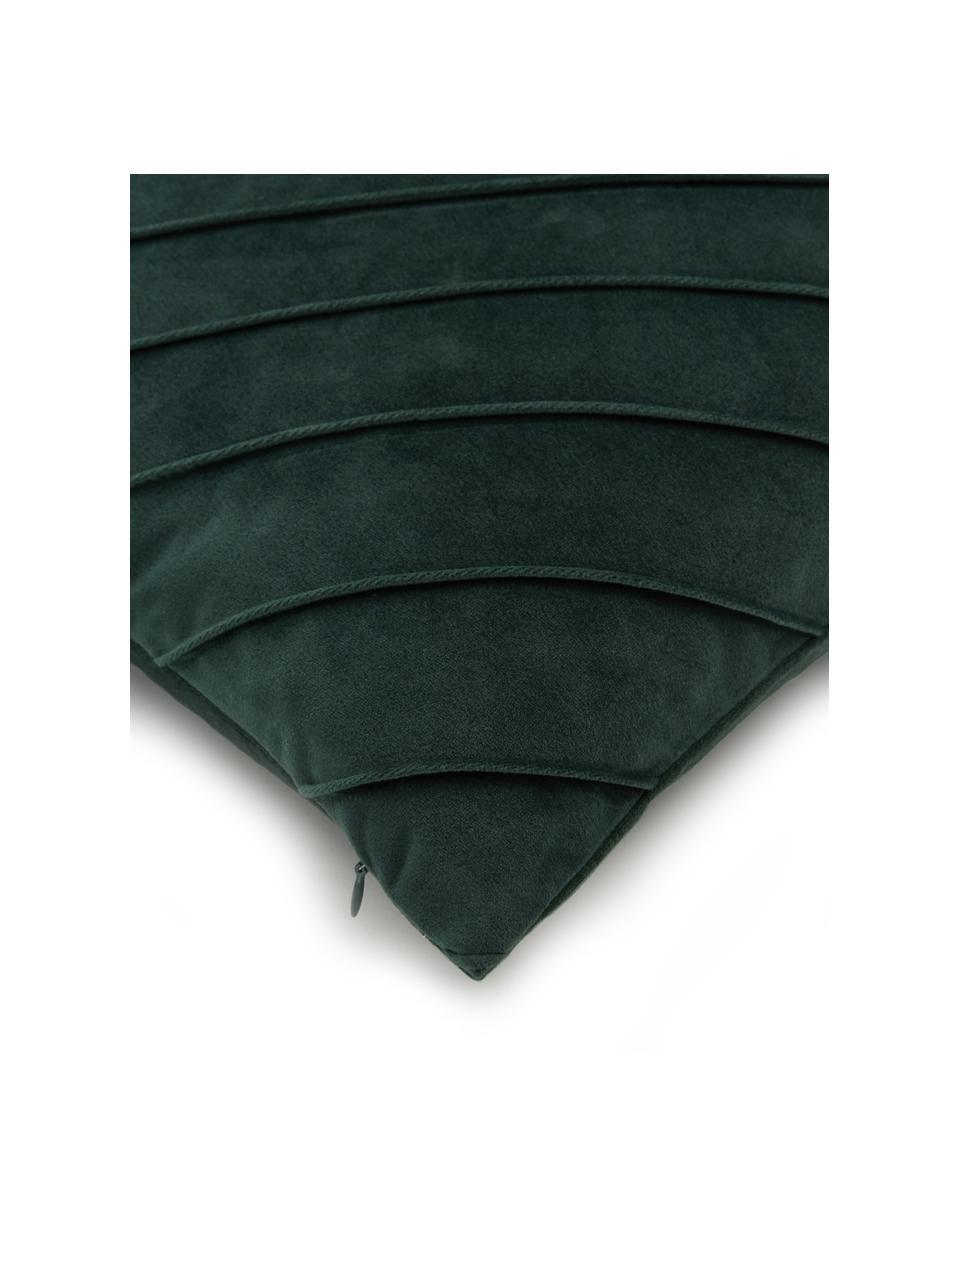 Fluwelen kussenhoes Leyla in donkergroen met structuurpatroon, Fluweel (100% polyester), Groen, 40 x 40 cm